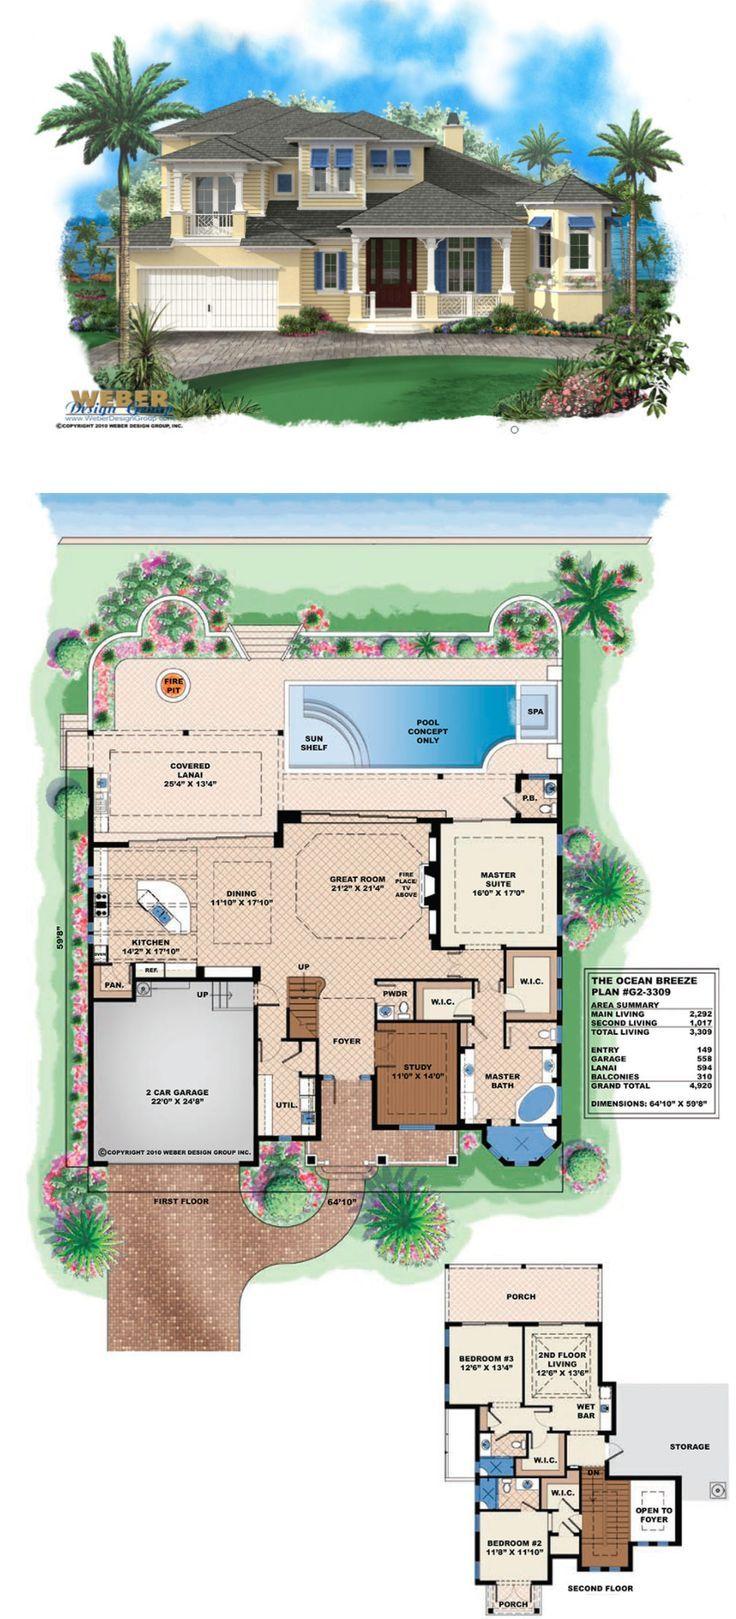 Beach House Plan Old Florida Caribbean Style Home Floor Plan Beach House Interior Beach House Plan Beach House Interior Design